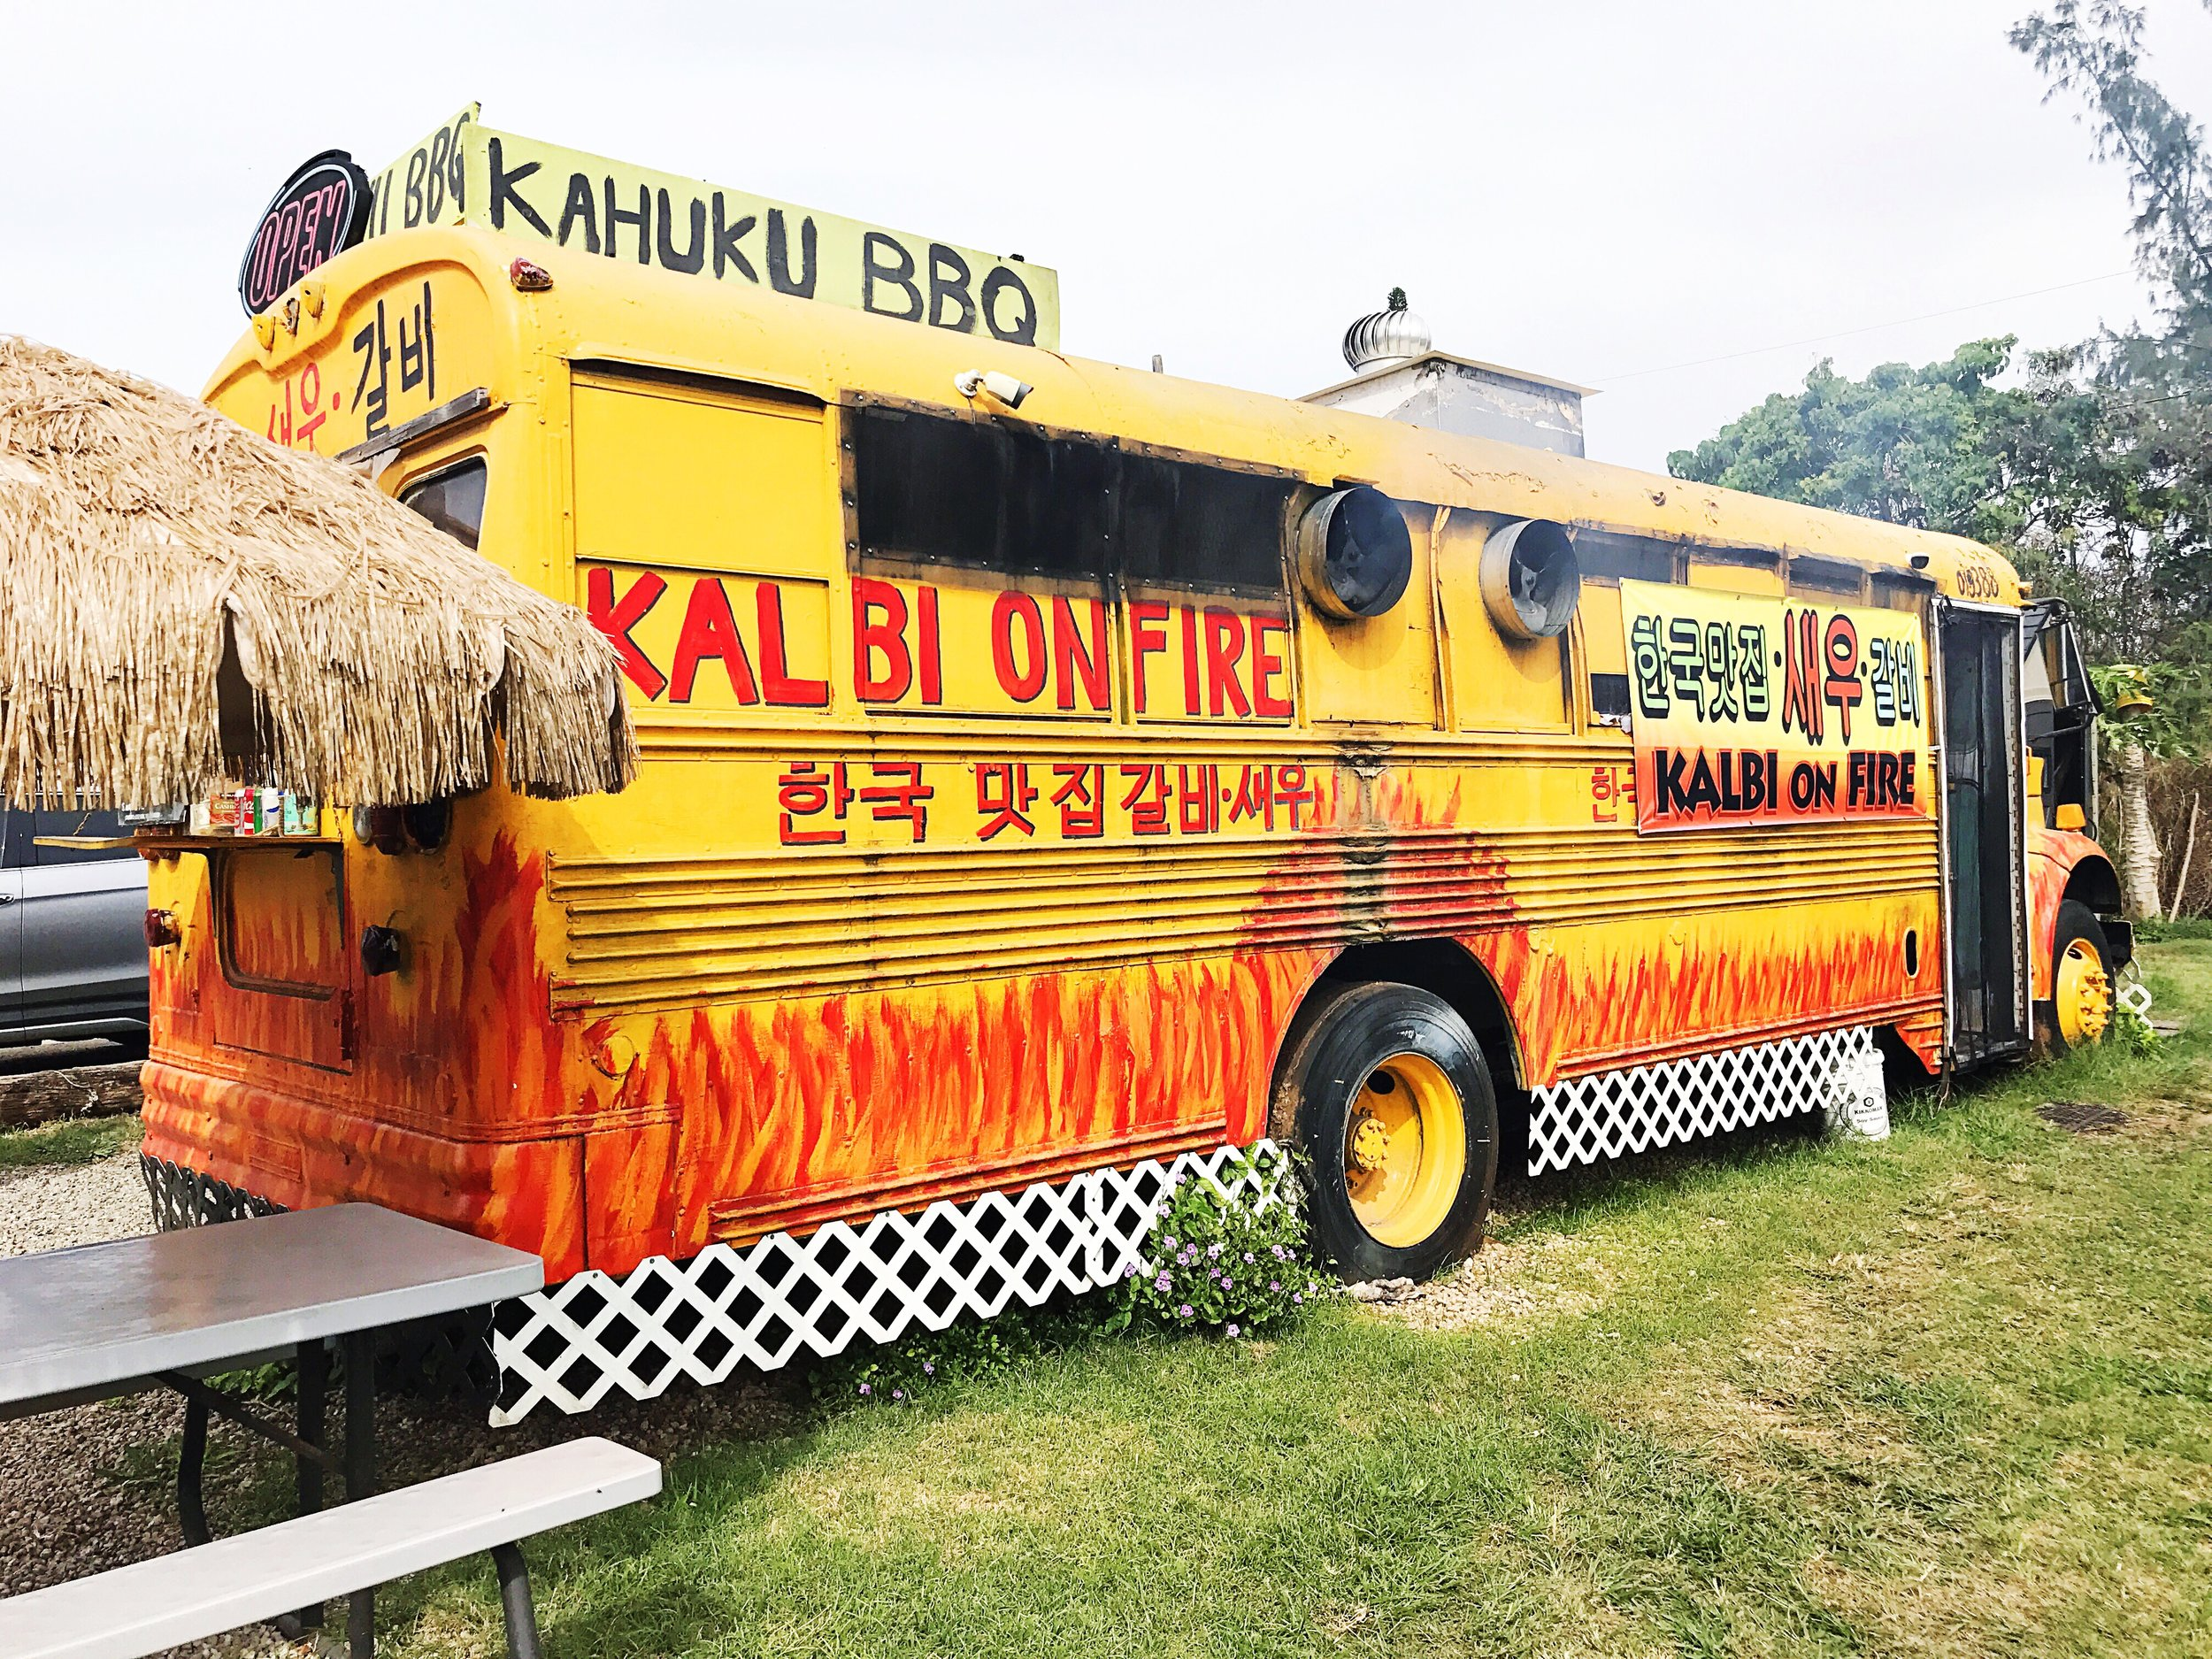 Korean BBQ North Shore Oahu food truck